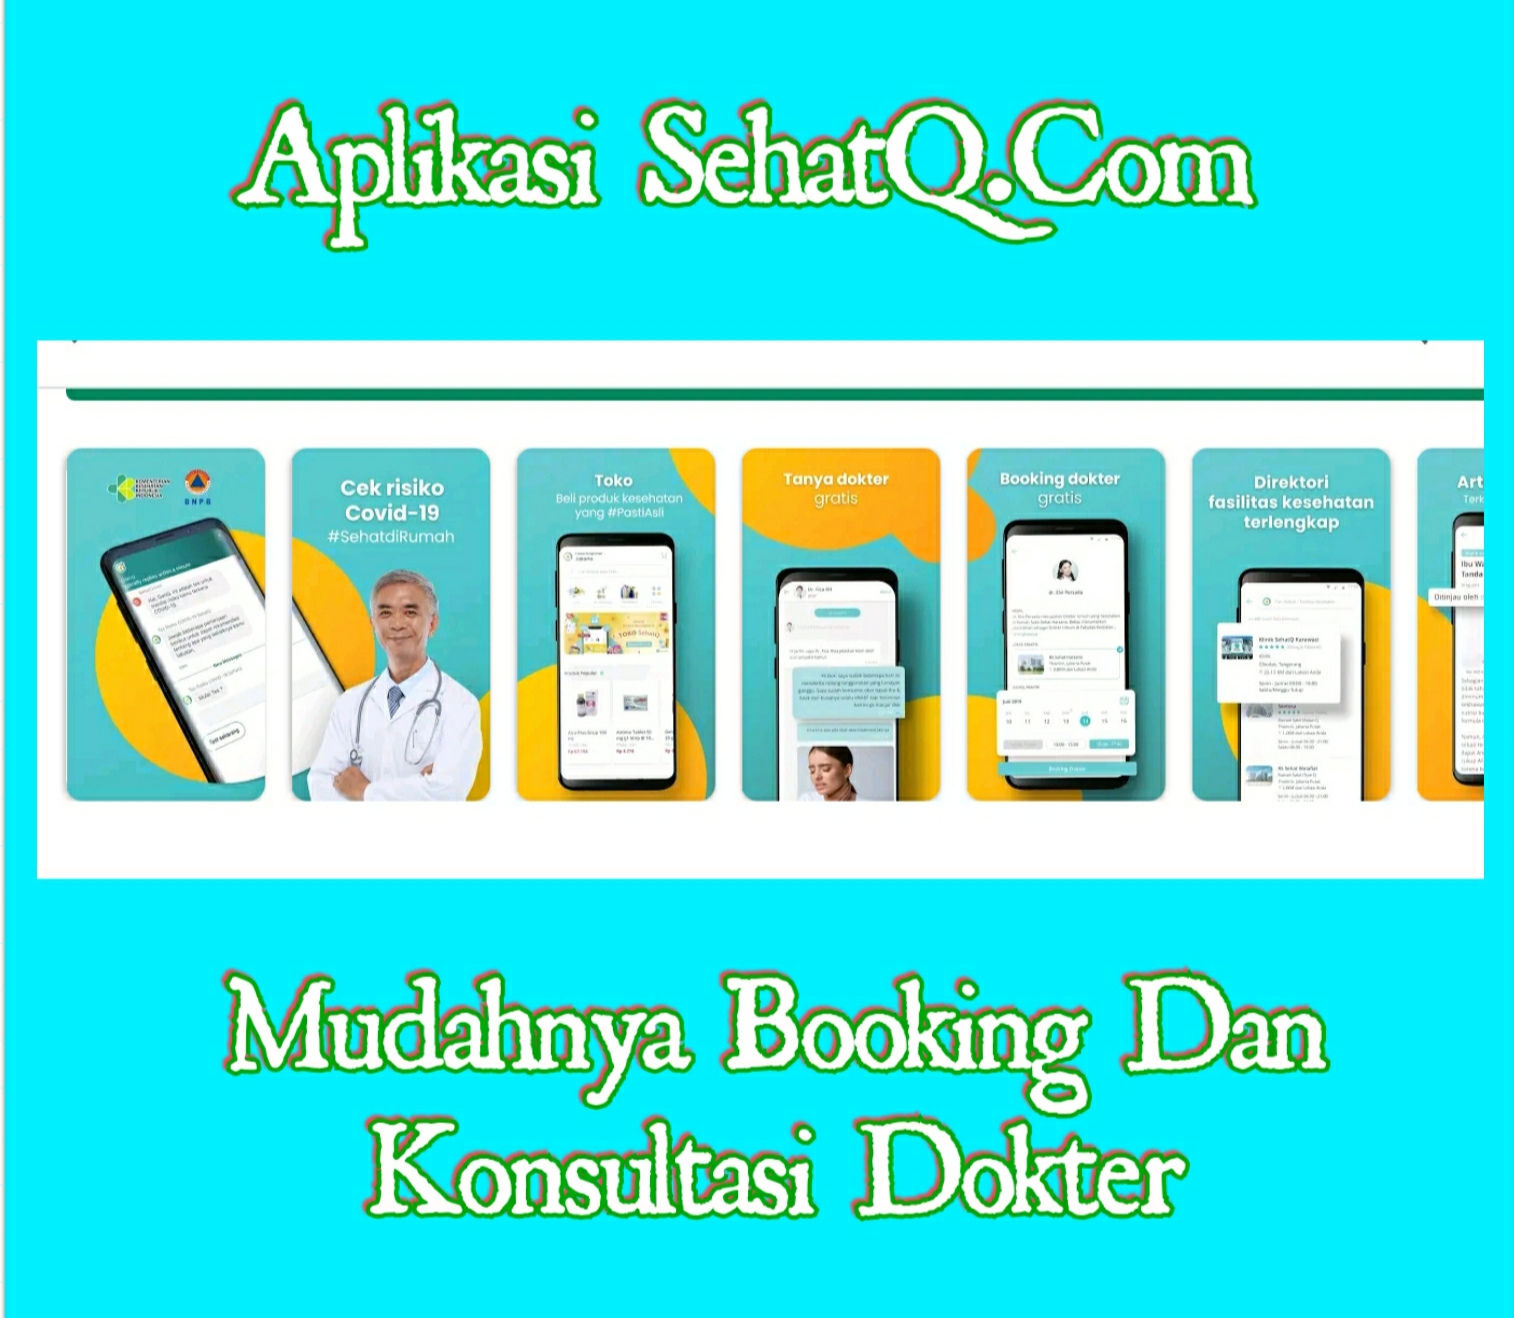 Mudahnya dengan aplikasi sehatq.com